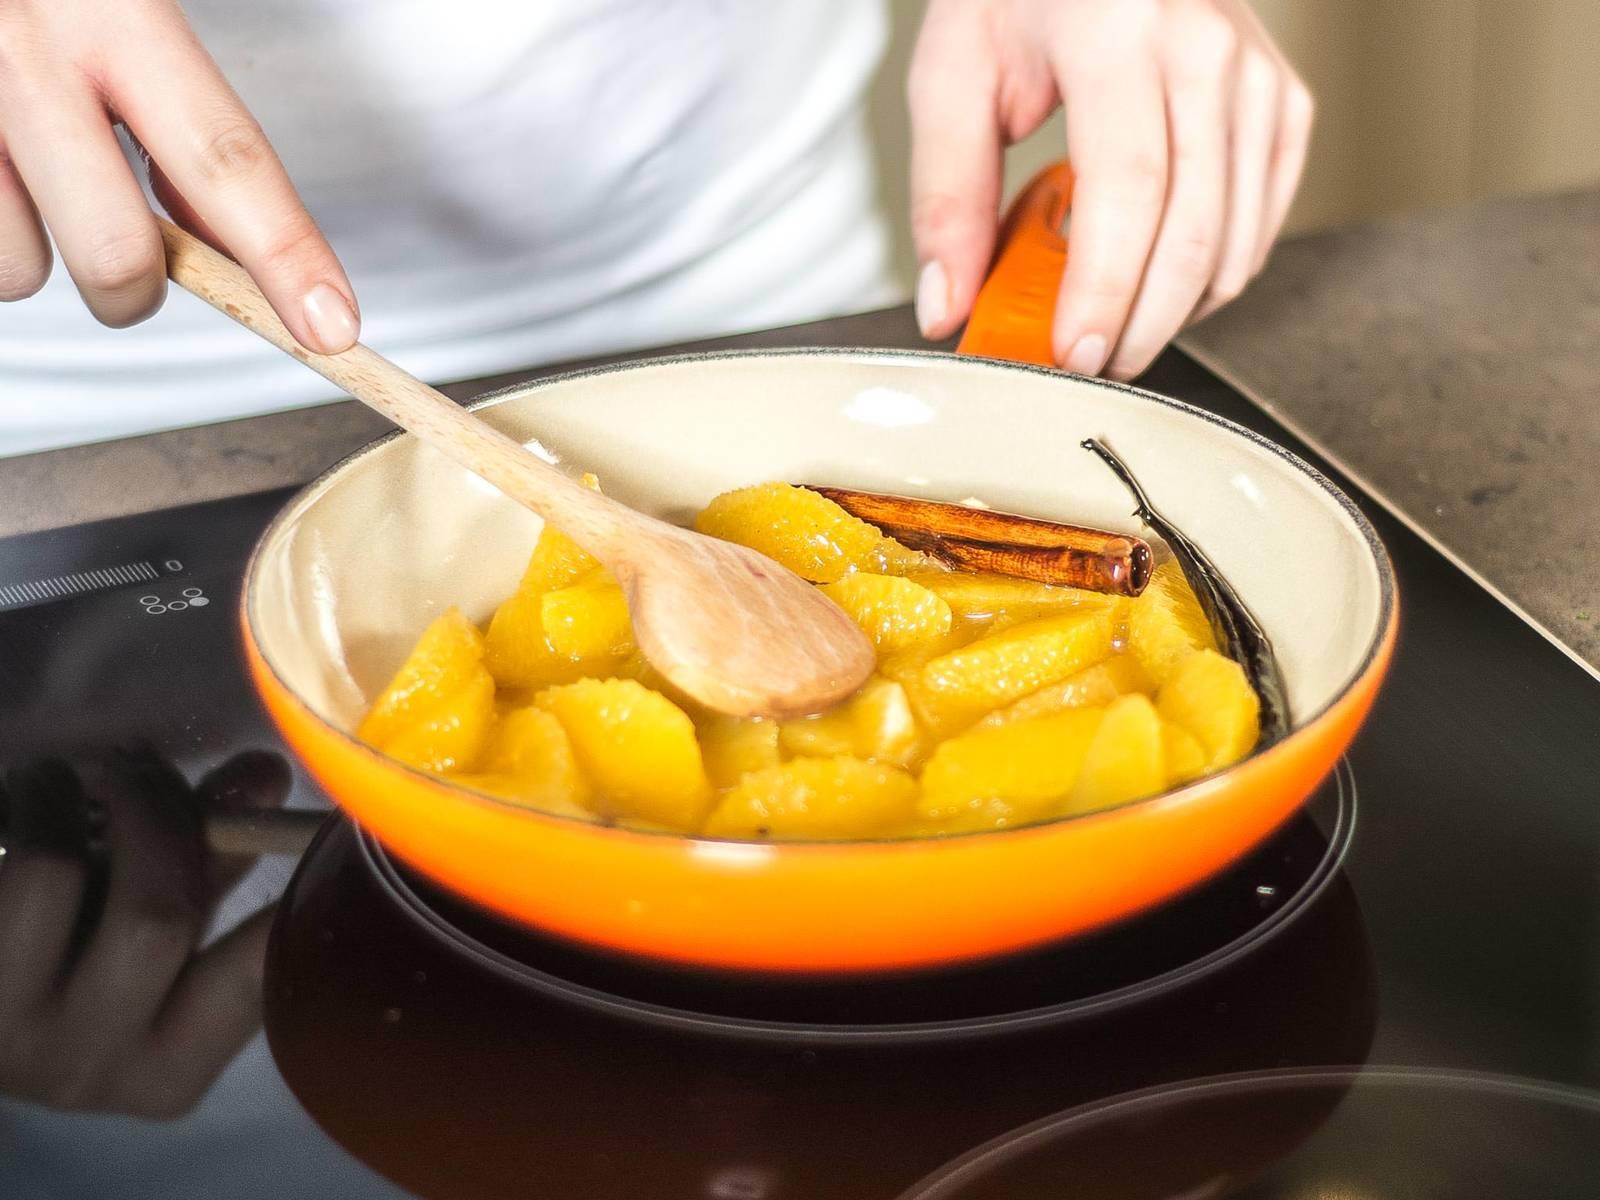 将玉米淀粉与水搅拌均匀,然后加入汤汁中。再加入橙子的果肉。